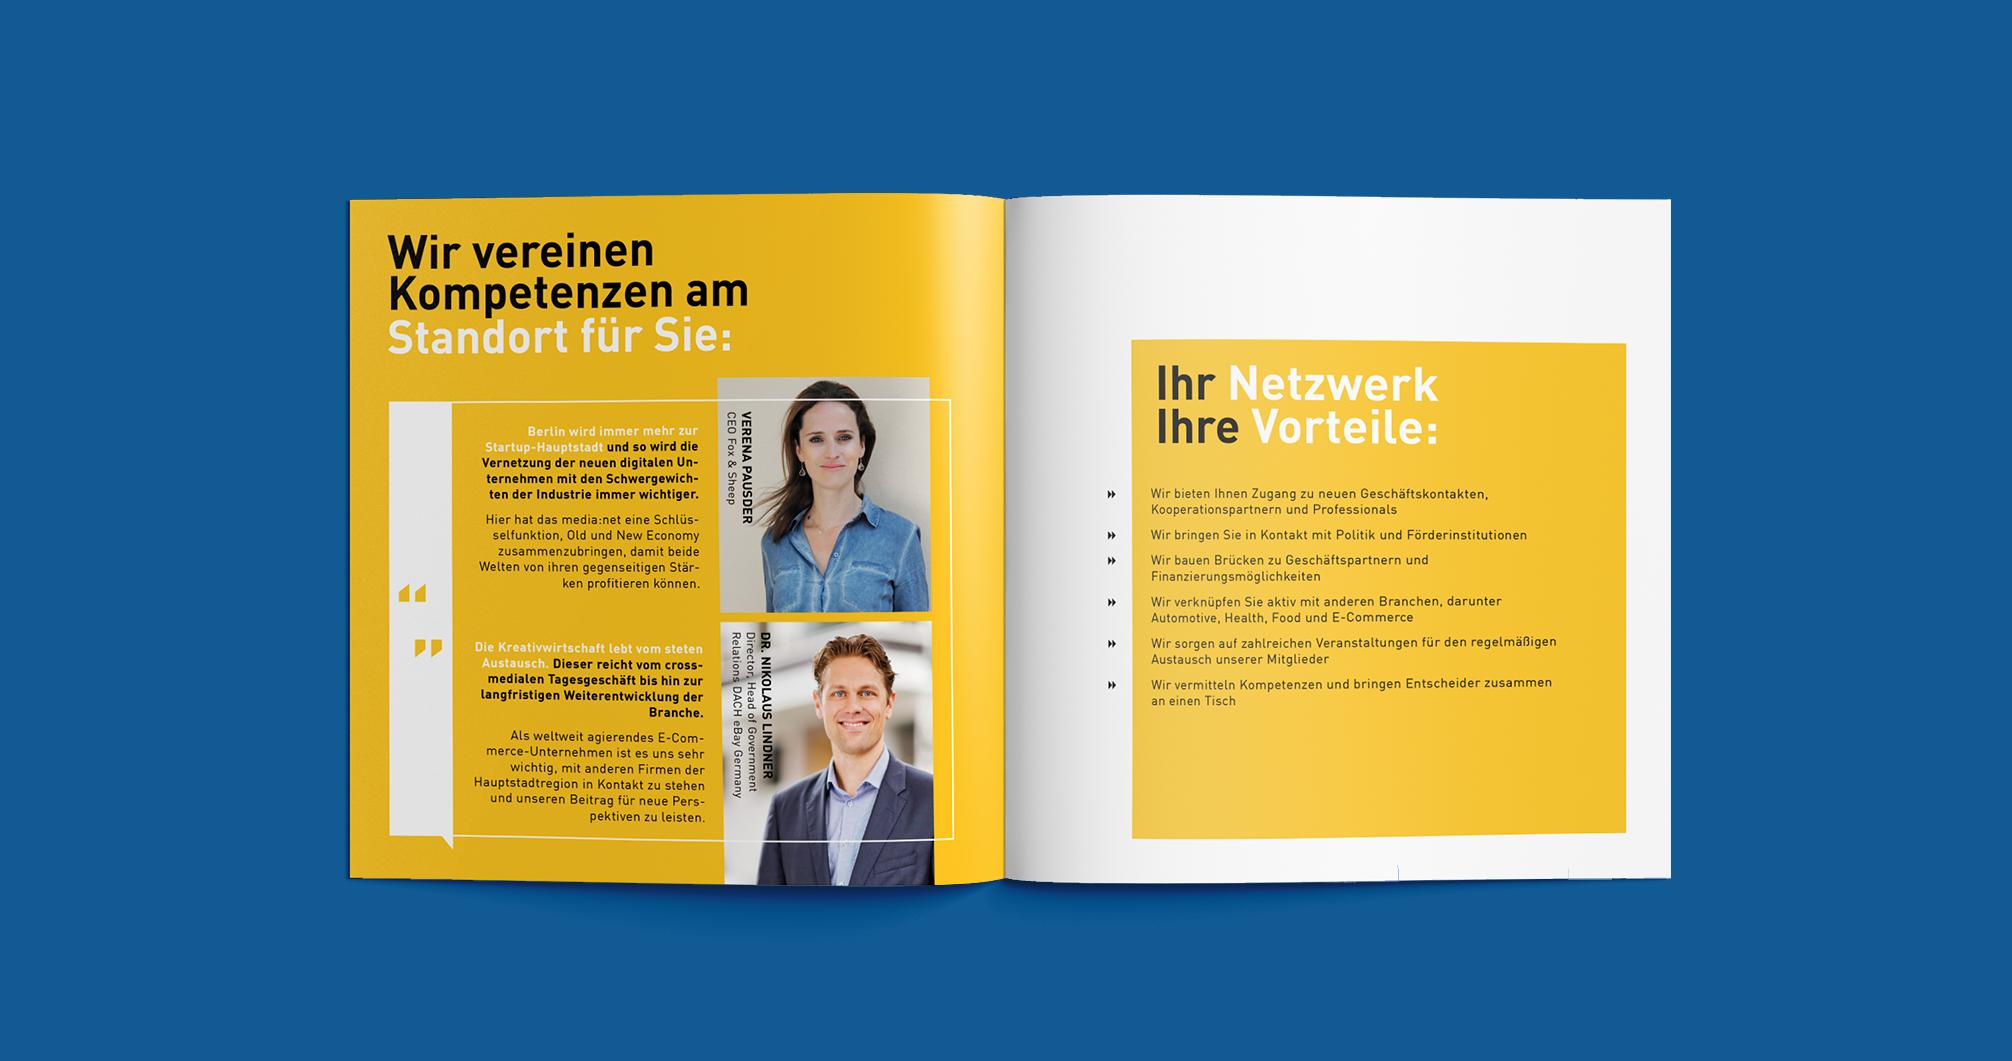 Media net berlinbrandenburg Image Broschüre - Kompetenzen   Corporate Identity - Redesign